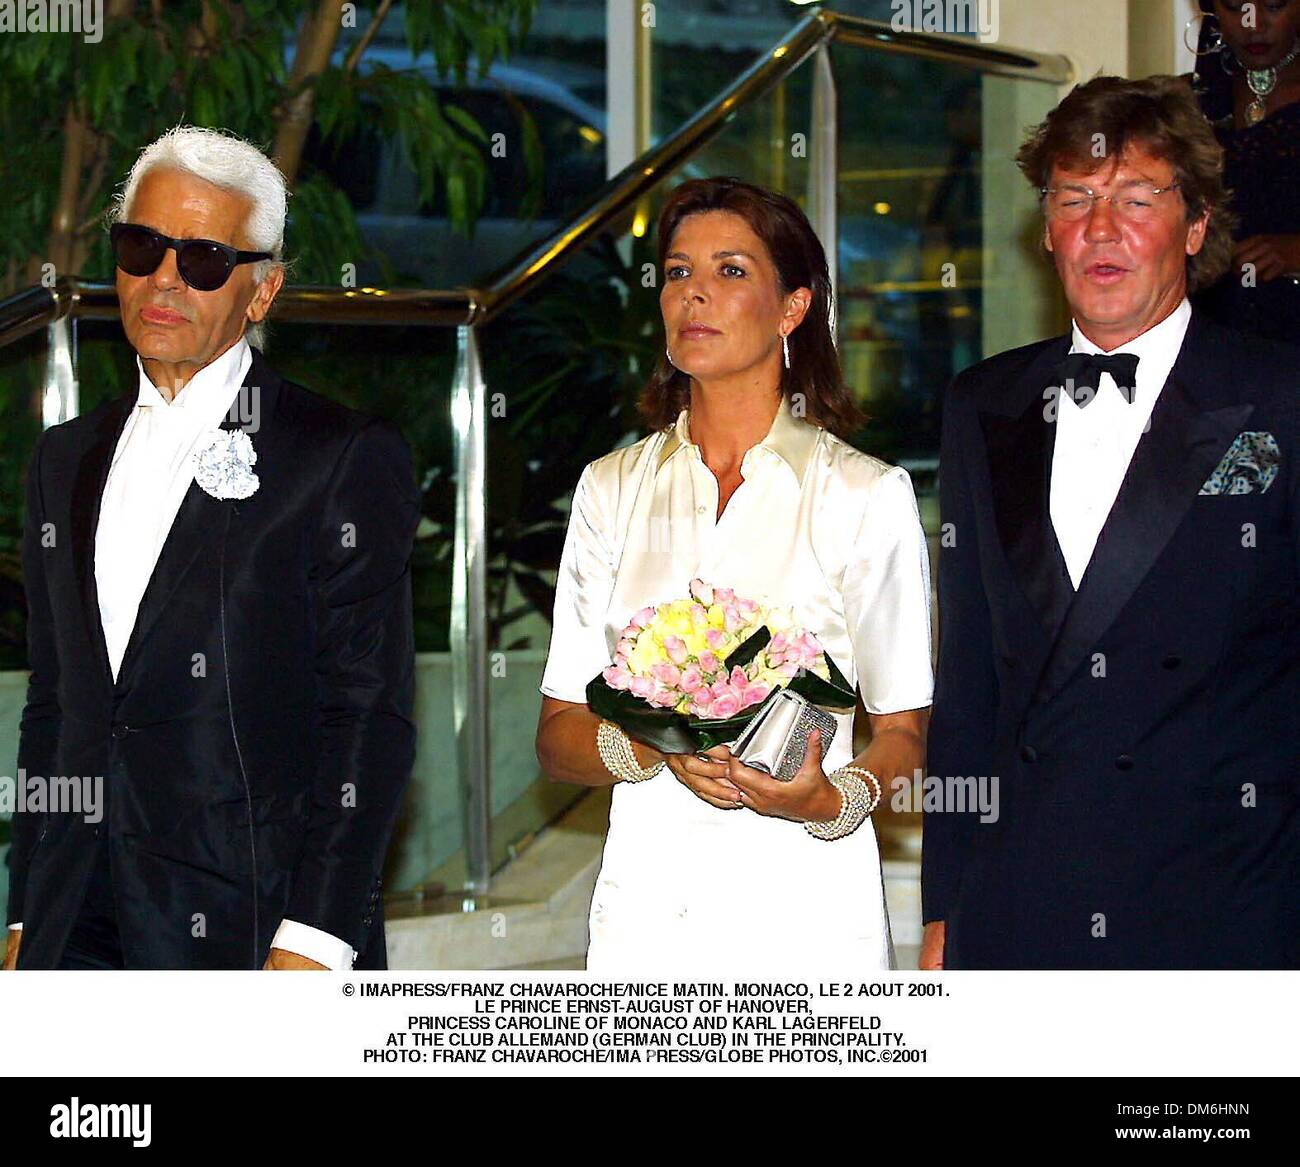 agosto-3-2001-a-imapress-franz-chavaroche-nice-matin-monaco-le-2-aout-2001-le-principe-ernst-agosto-de-hannover-la-princesa-carolina-de-monaco-y-karl-lagerfeld-te-fueron-invitados-de-honor-al-evento-organizado-en-el-club-allemand-club-aleman-en-el-principado-franz-chavaroche-ima-pulse-2001-credit-image-globe-photos-zumapress-com-dm6hnn.jpg